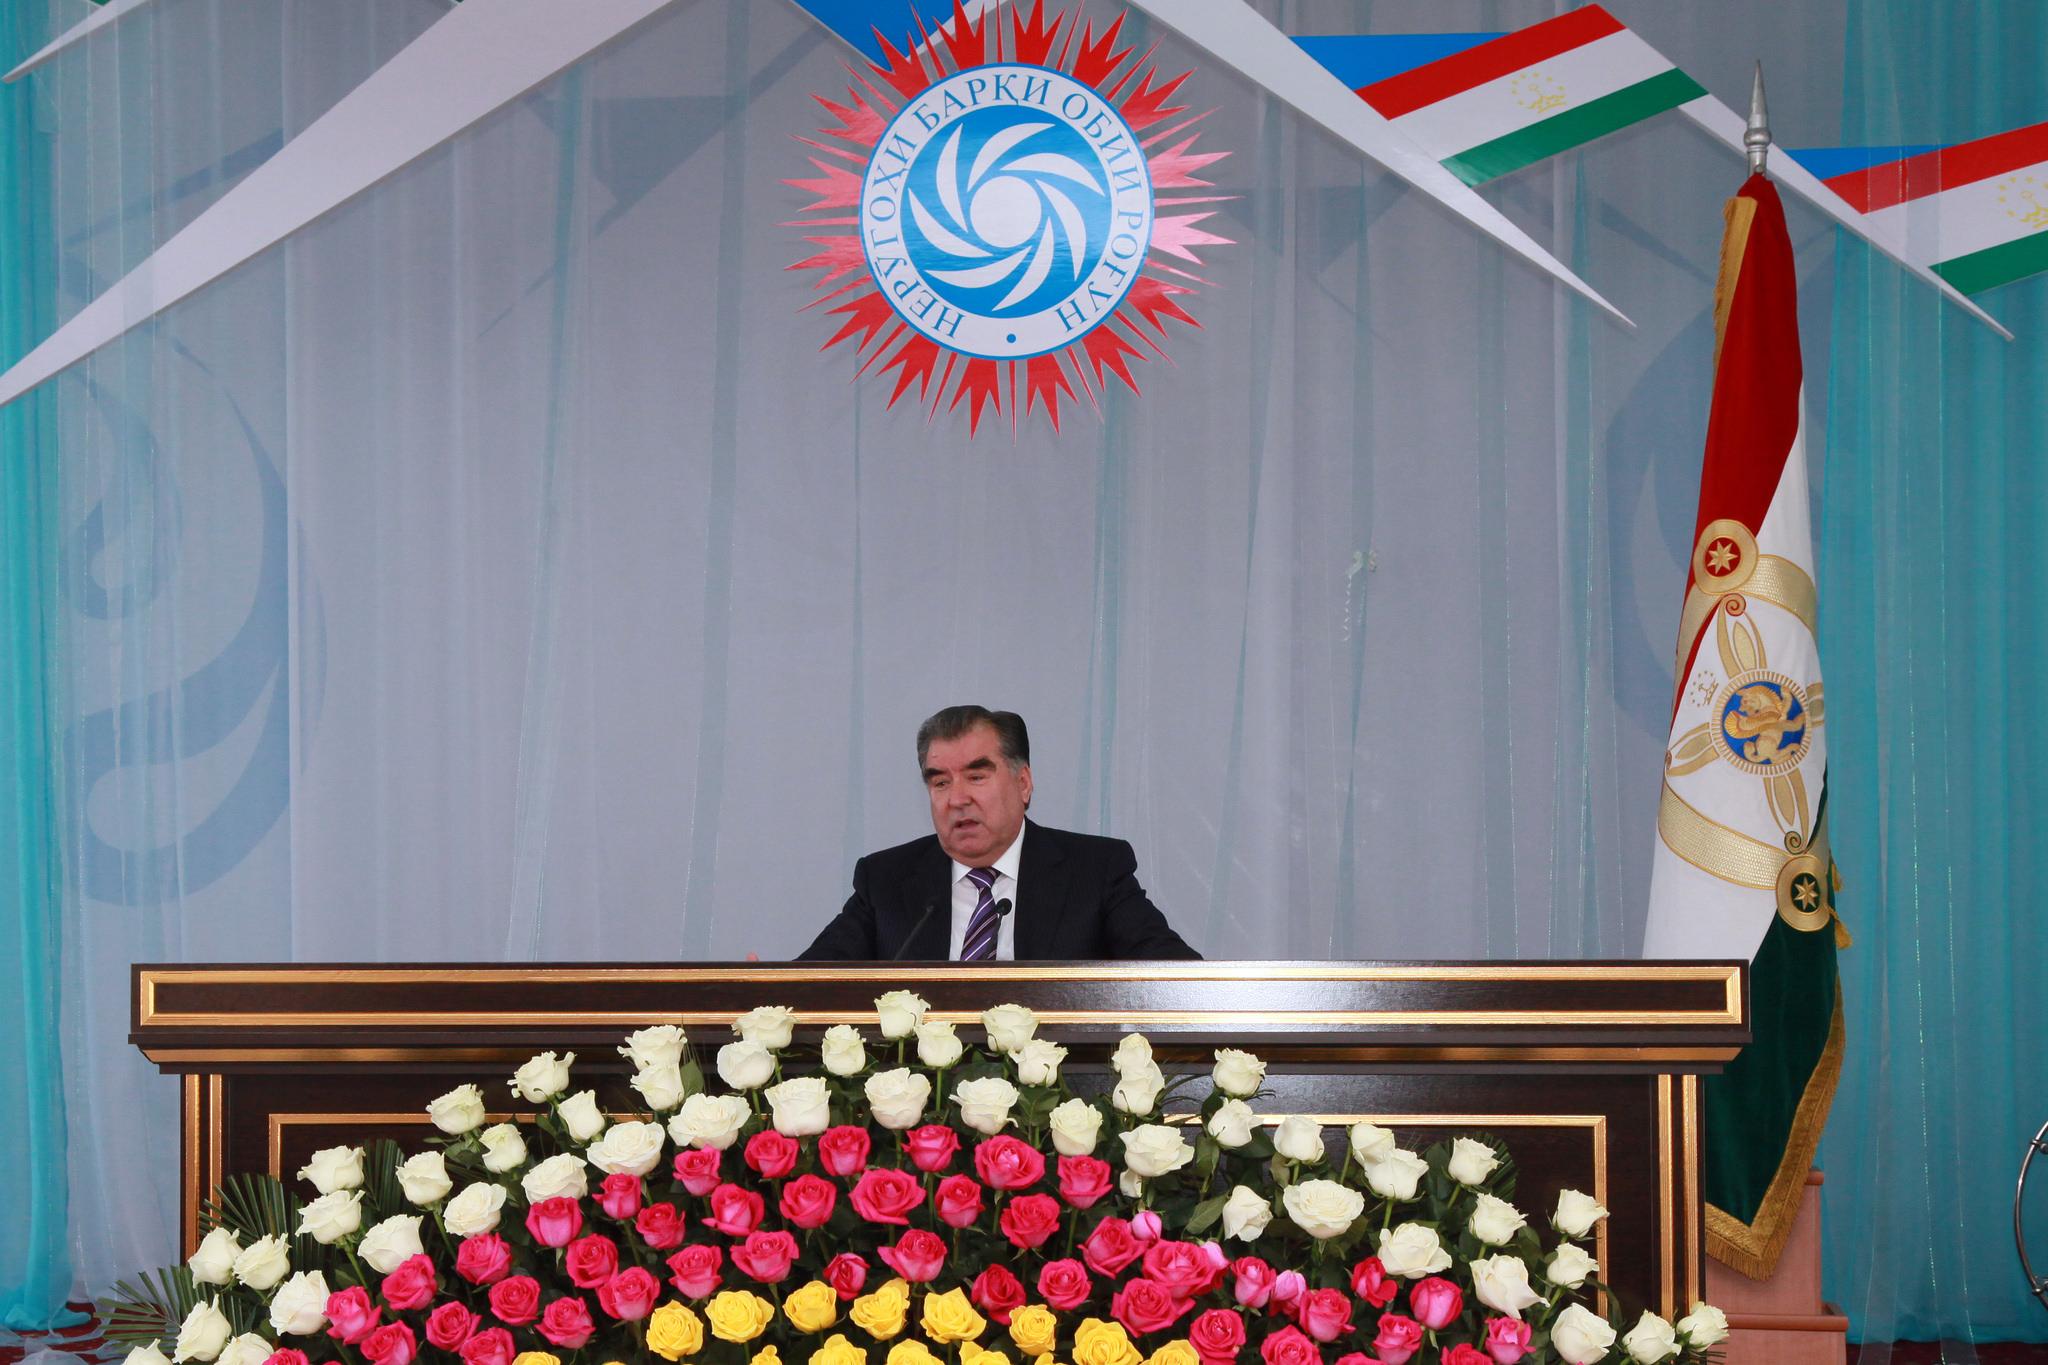 Le Président tadjik s'adresse aux constructeurs et experts du barrage de Rogun.